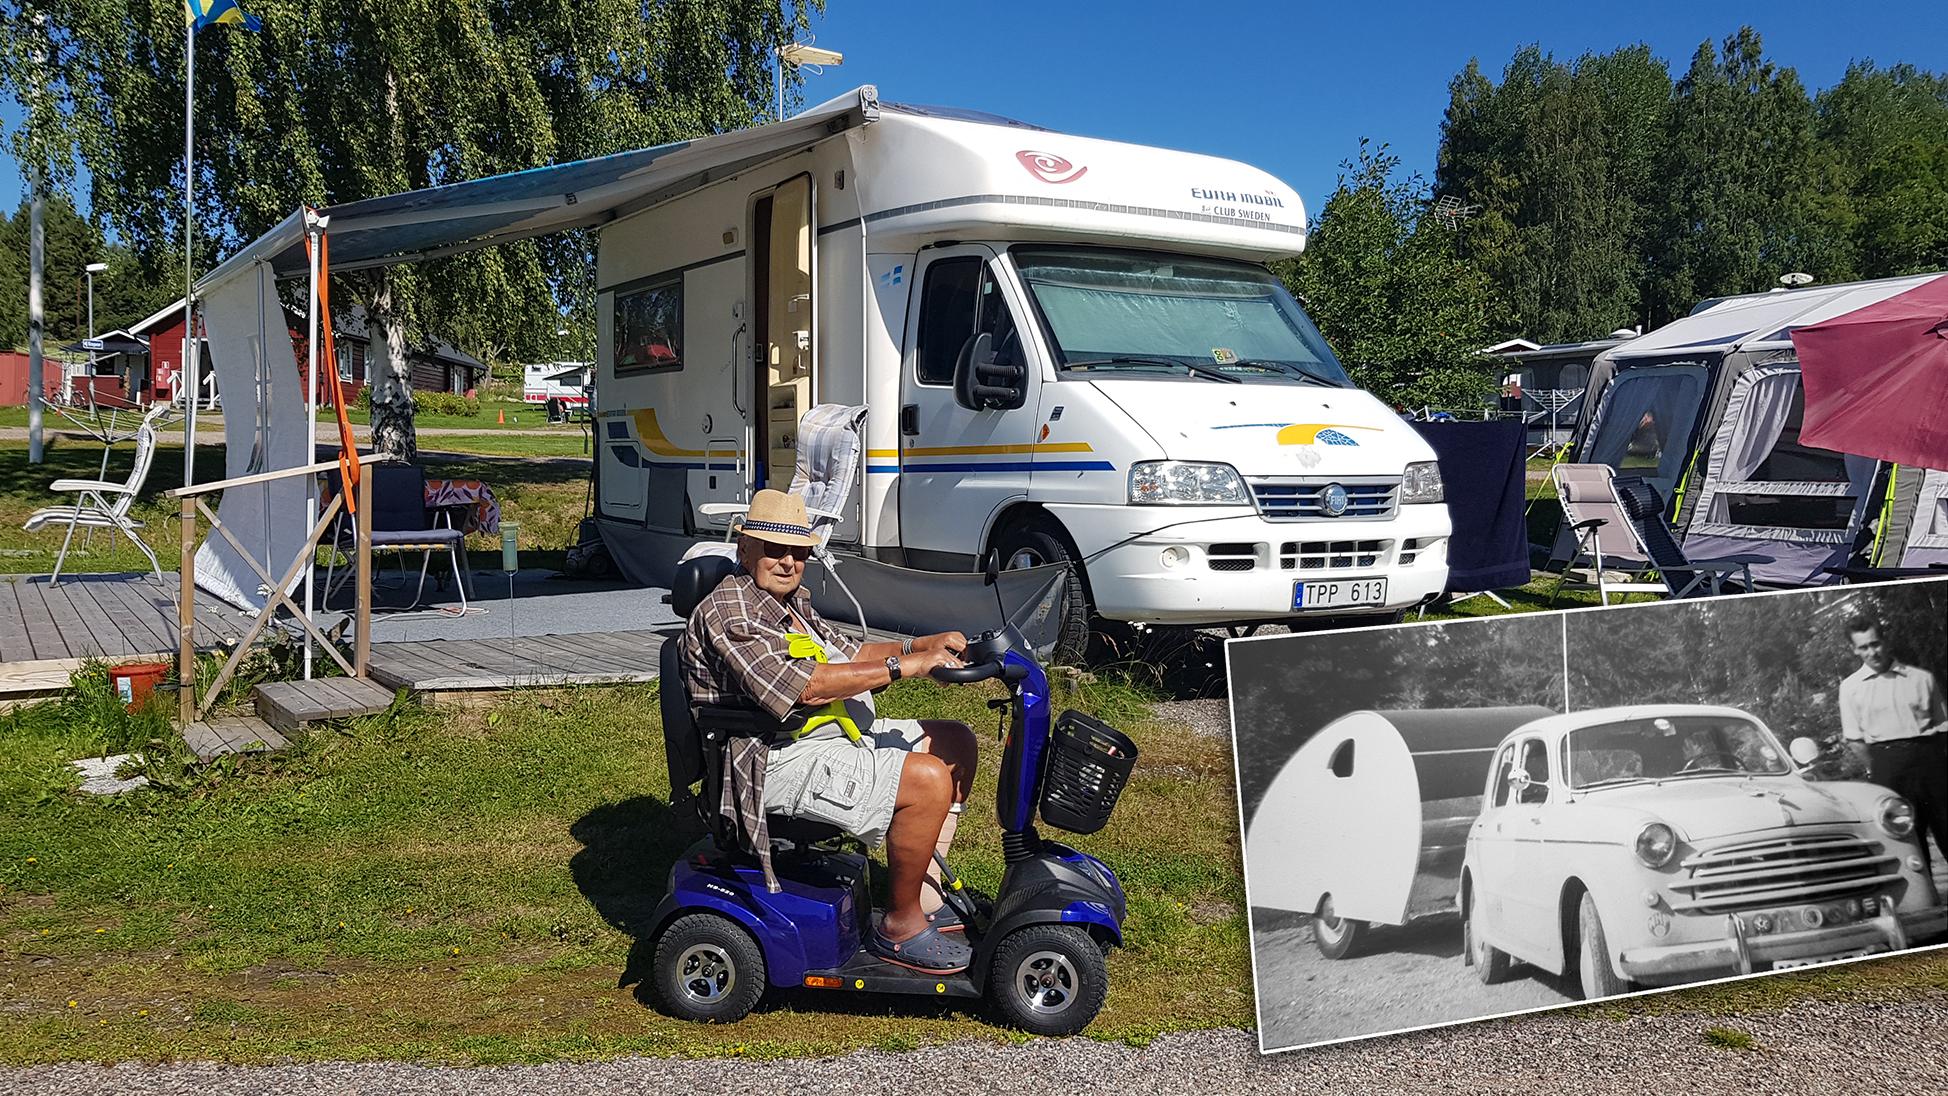 Mixad bild med Uno på promenadskotern, husbilen i bakgrunden och den hemmabygda husvagnen i en infälld svartvit bild.